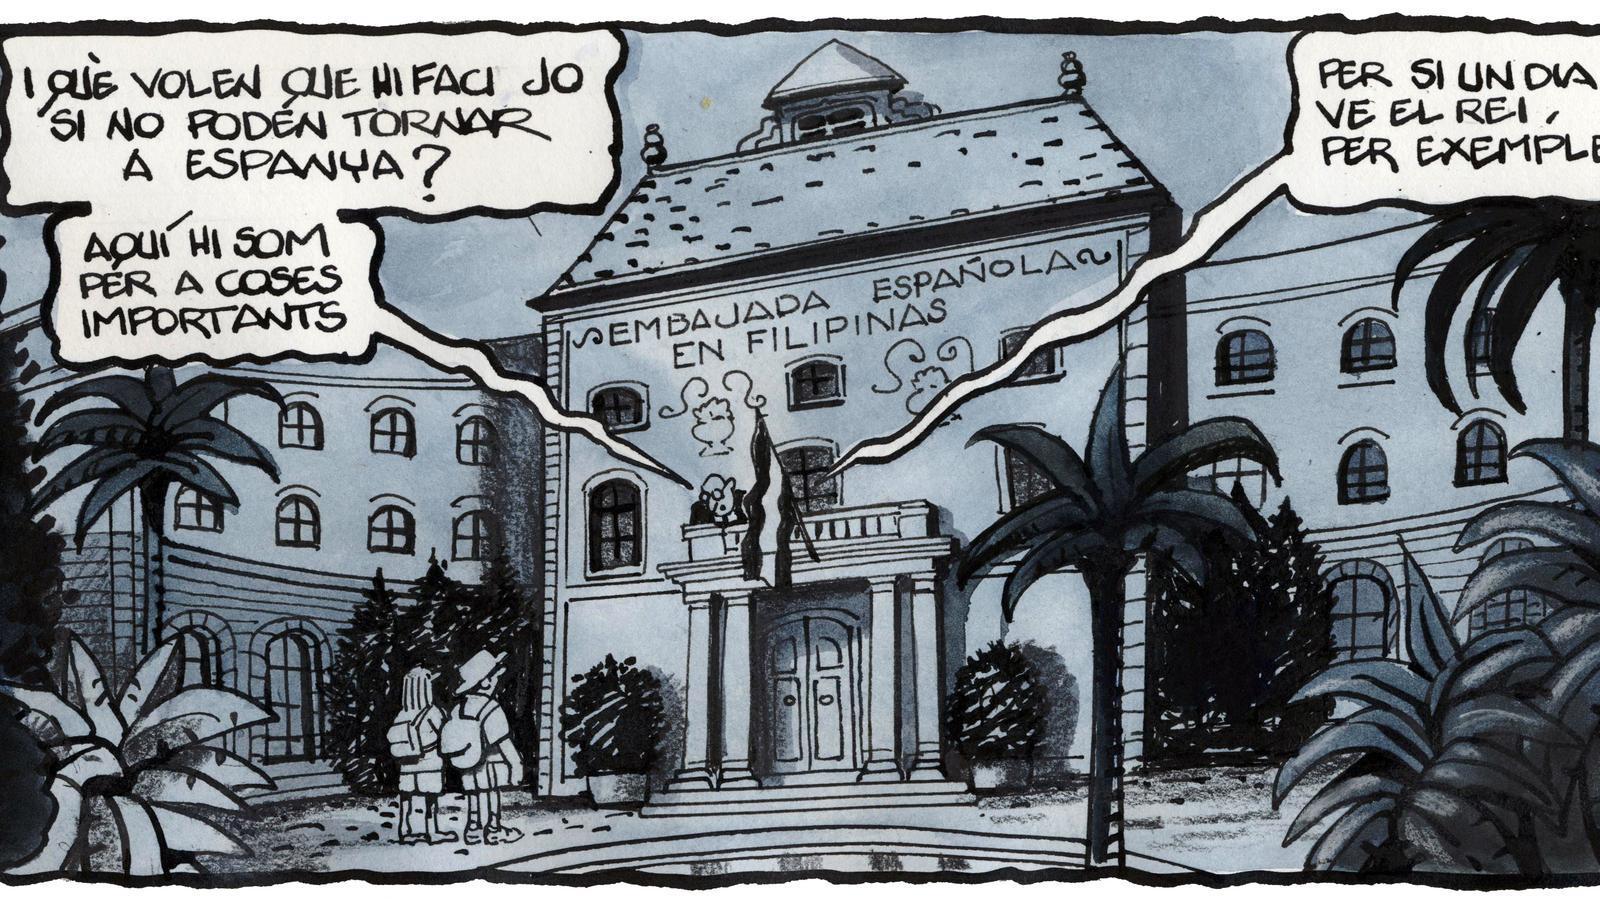 'A la contra', per Ferreres 22/03/2020